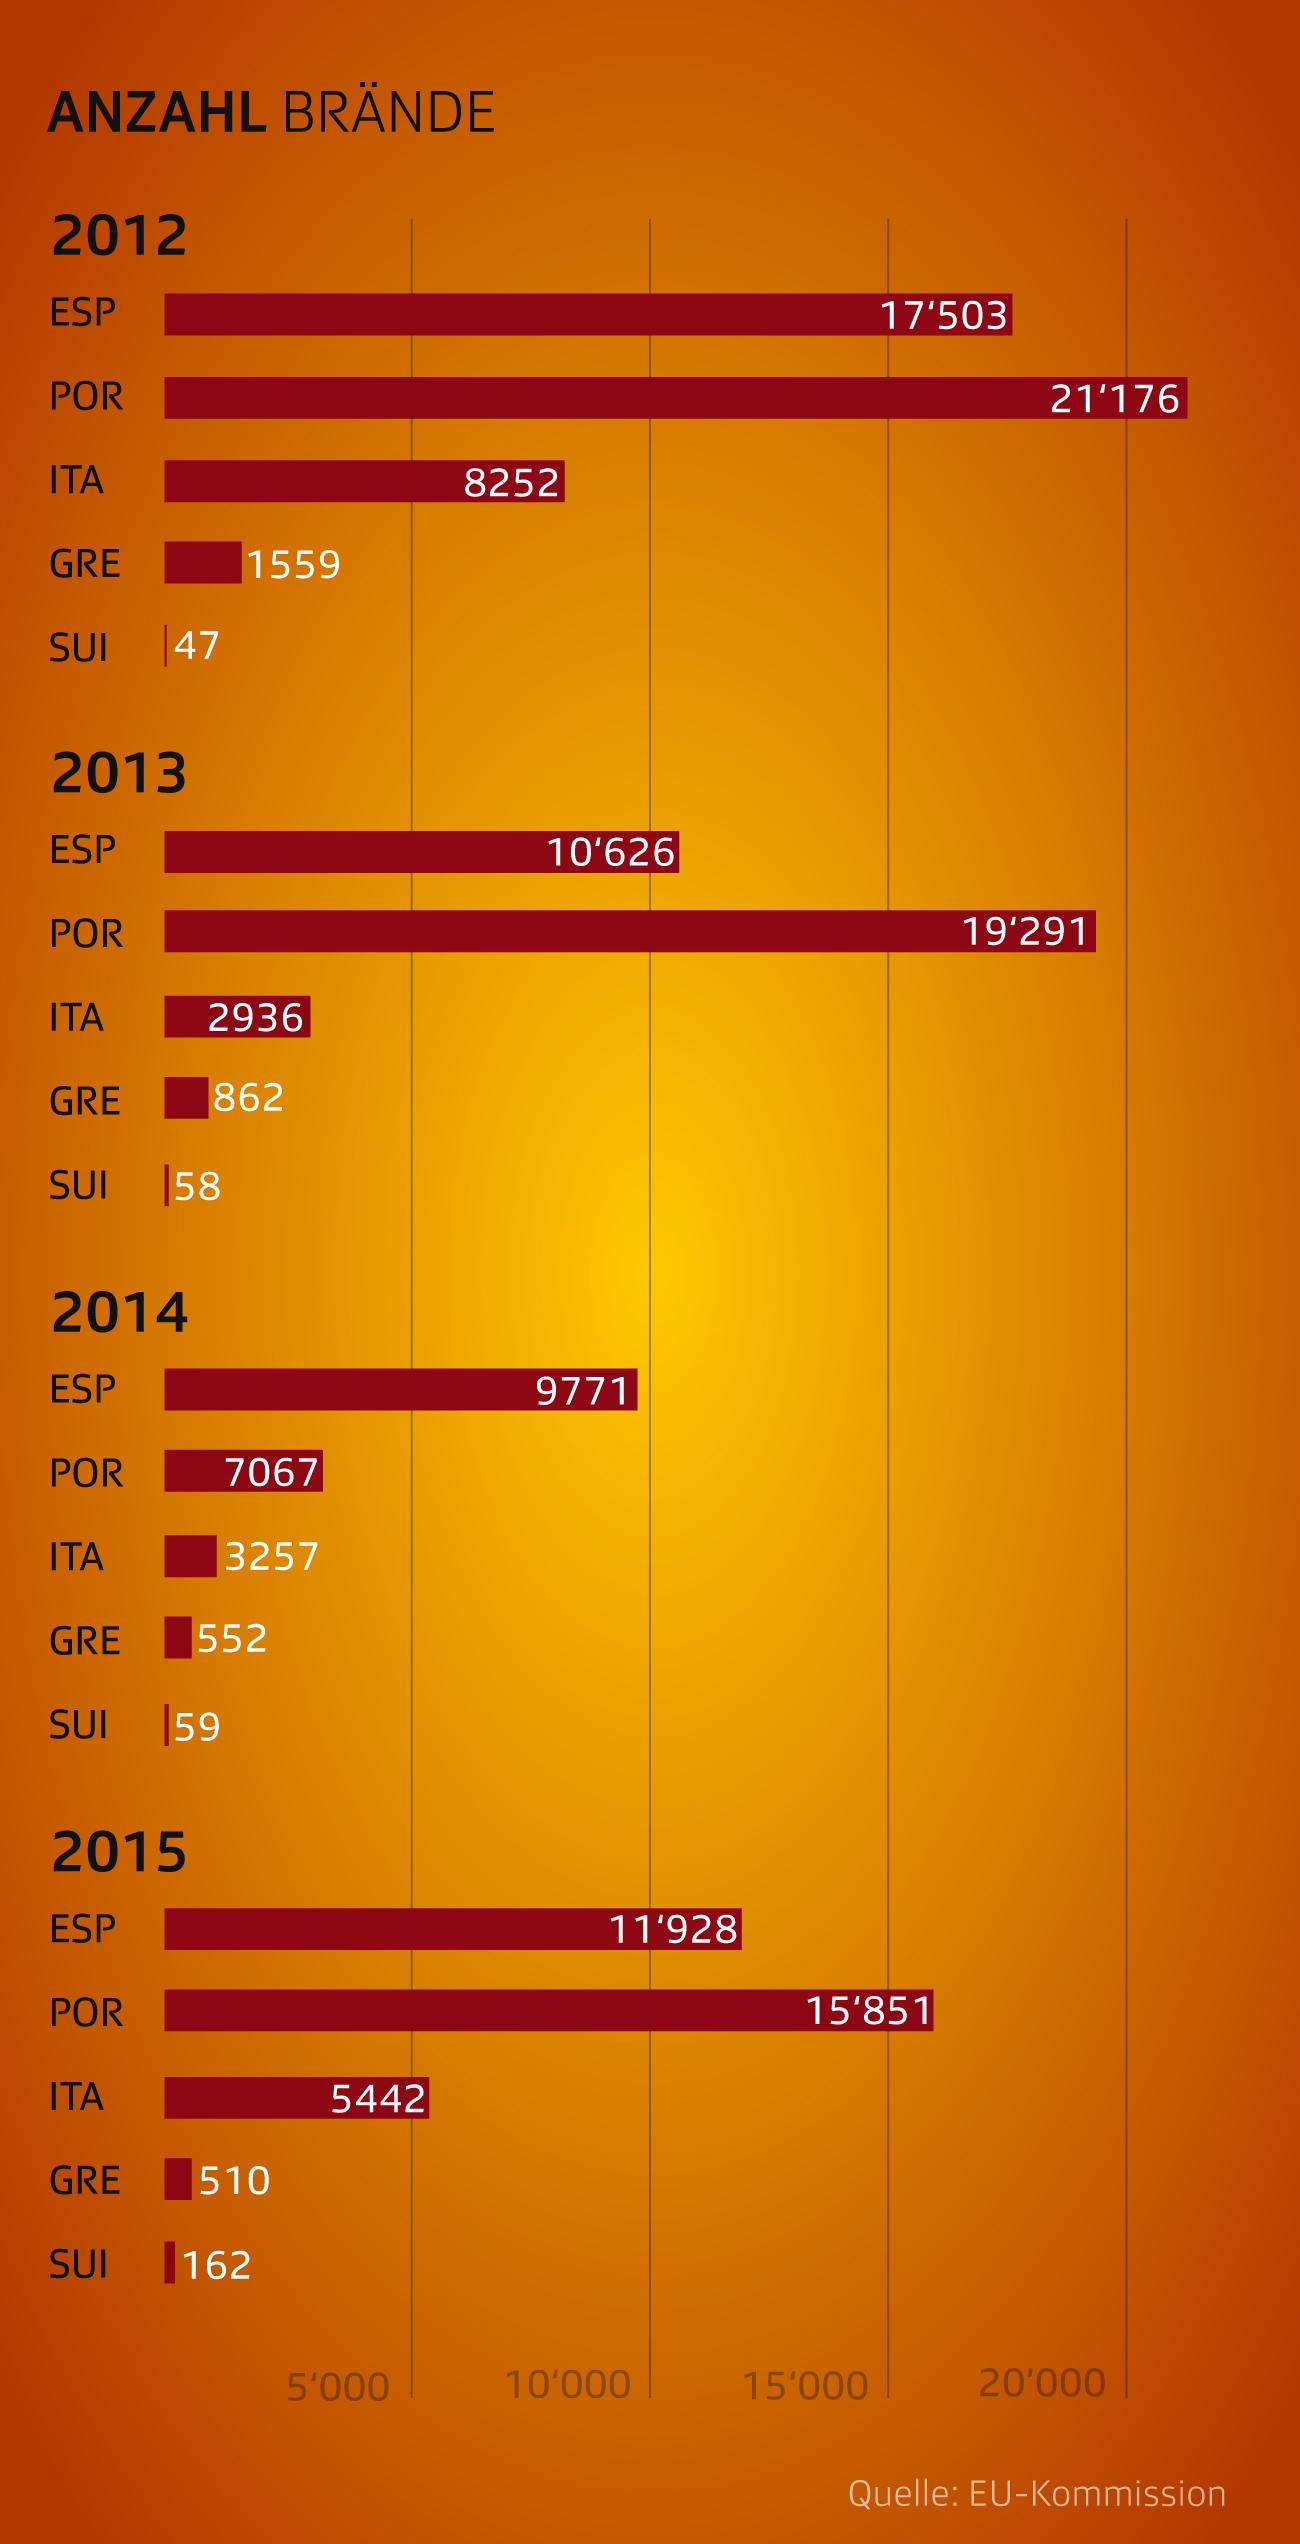 Anzahl der Brände im Mittelmeerraum